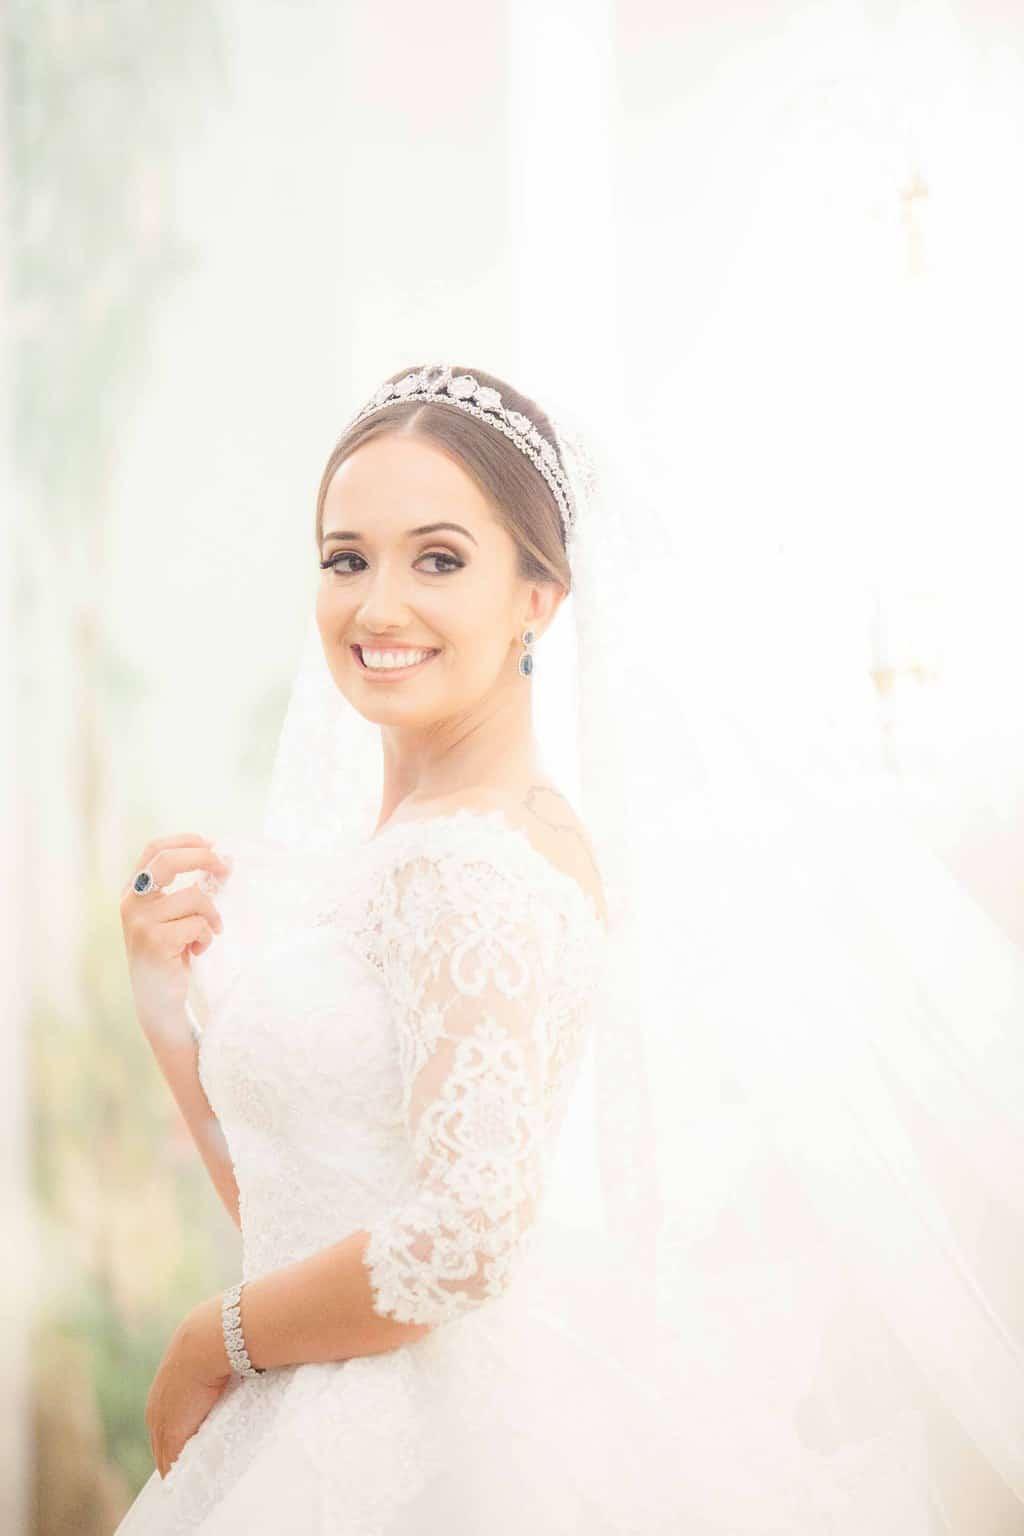 Casamento-Clássico-Casamento-tradicional-Copacabana-Palace-Monica-Roias-Poses-noiva-Ribas-Foto-e-Vídeo-Silvio-Cruz-Tuanny-e-Bernardo-CaseMe-5